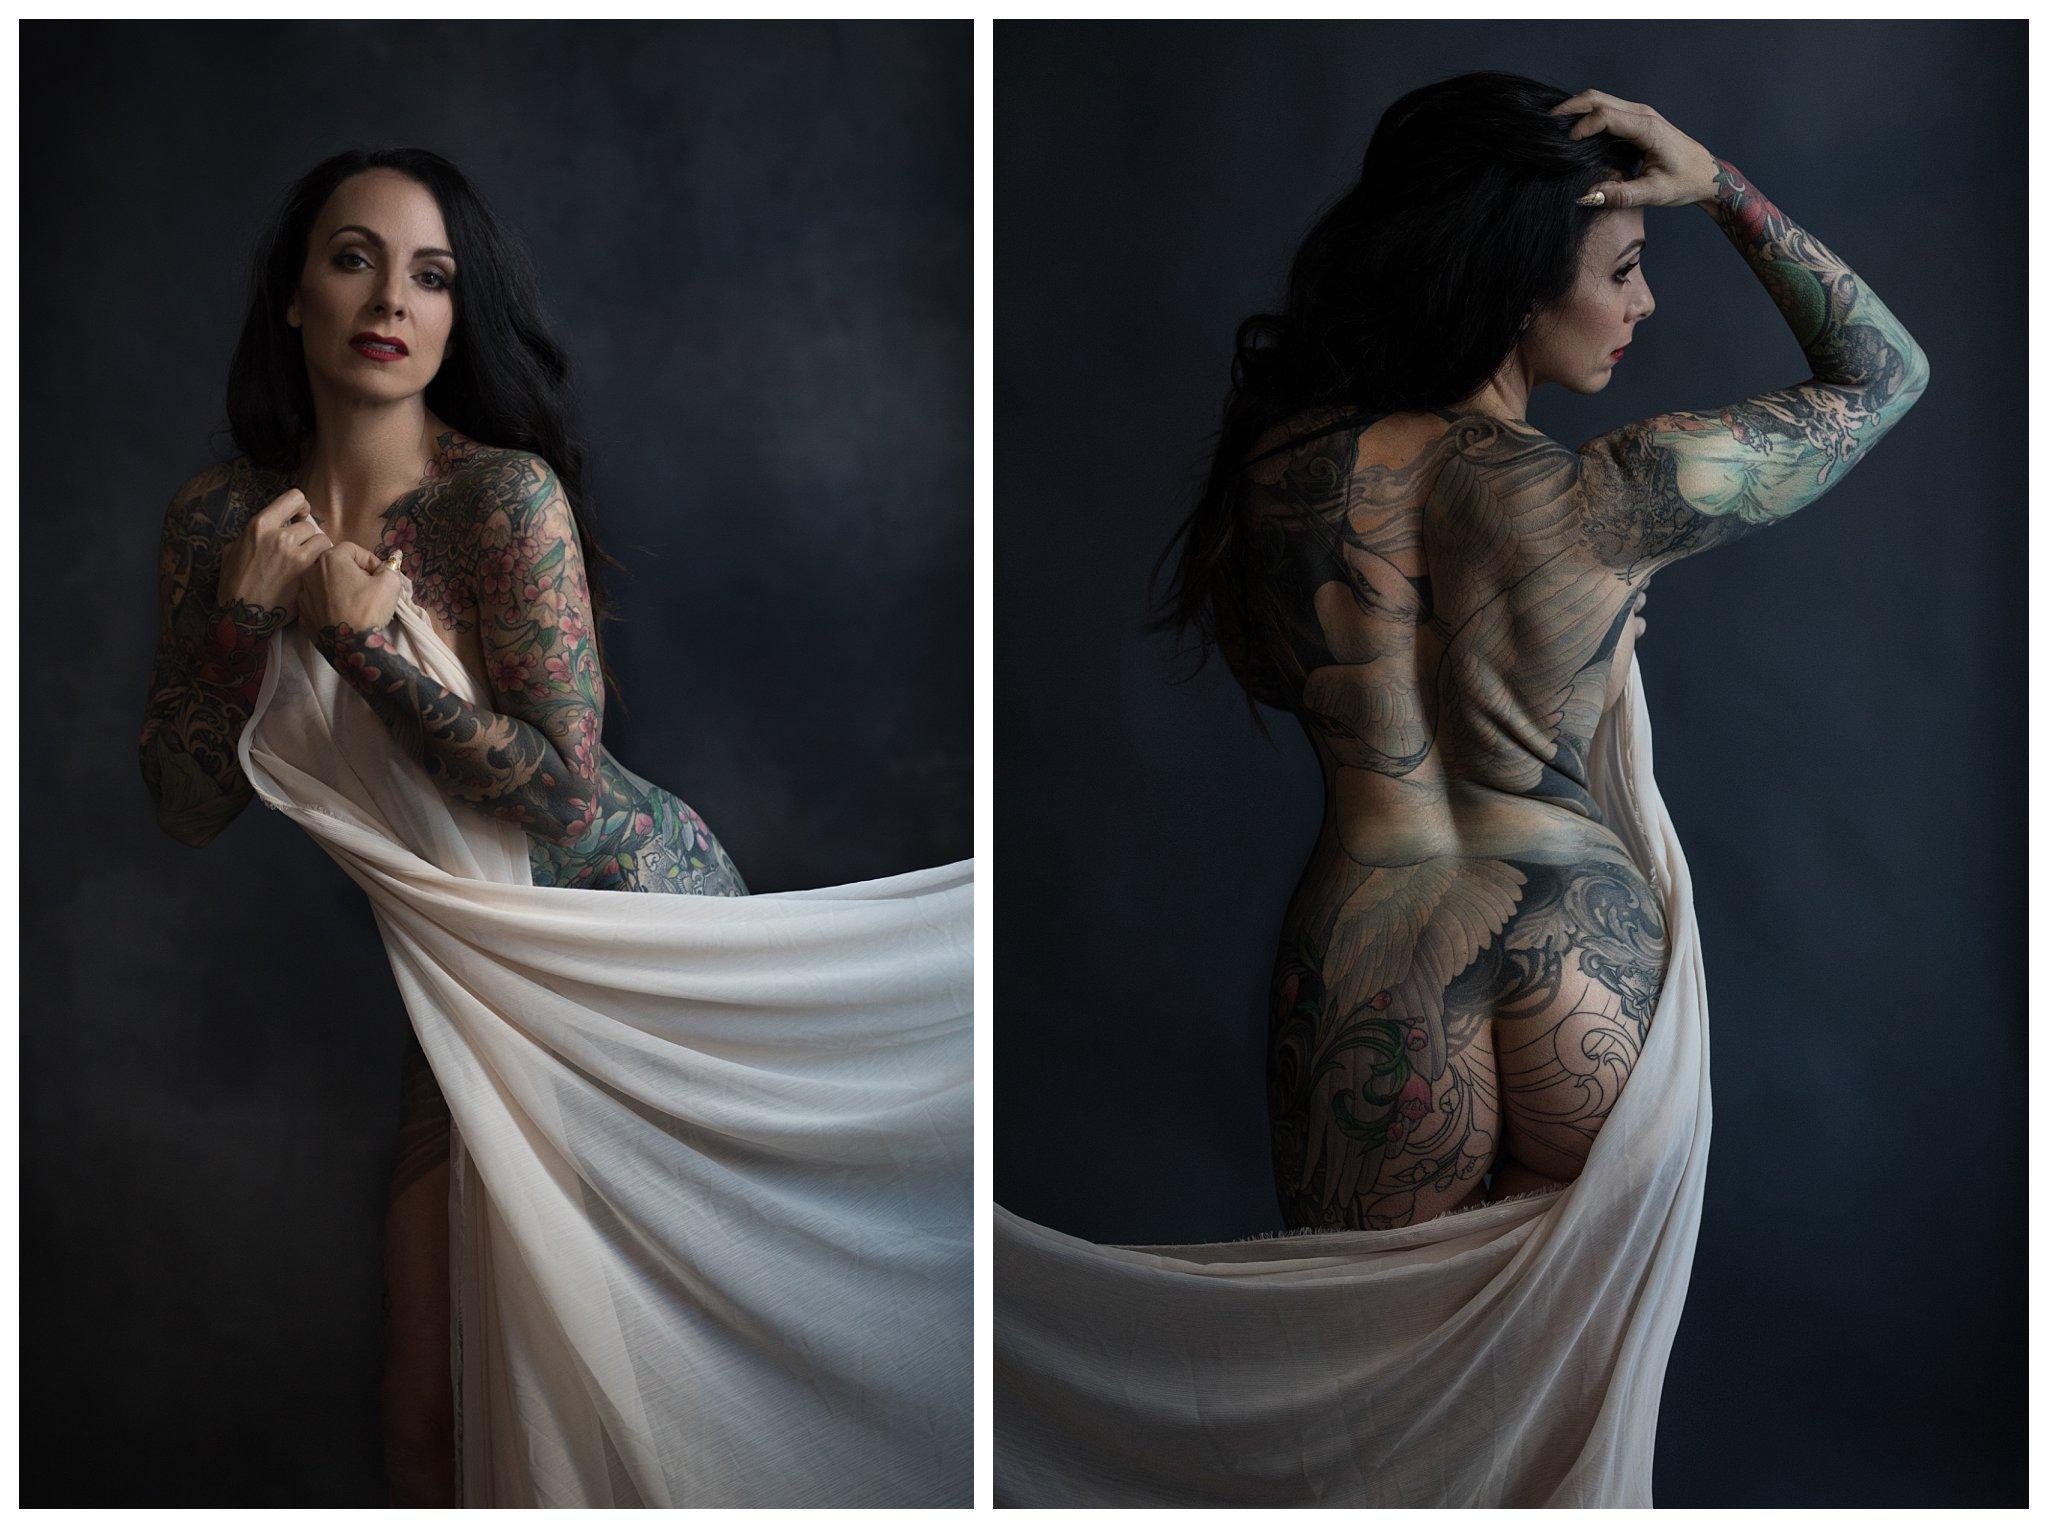 portland oregon tattoo artist